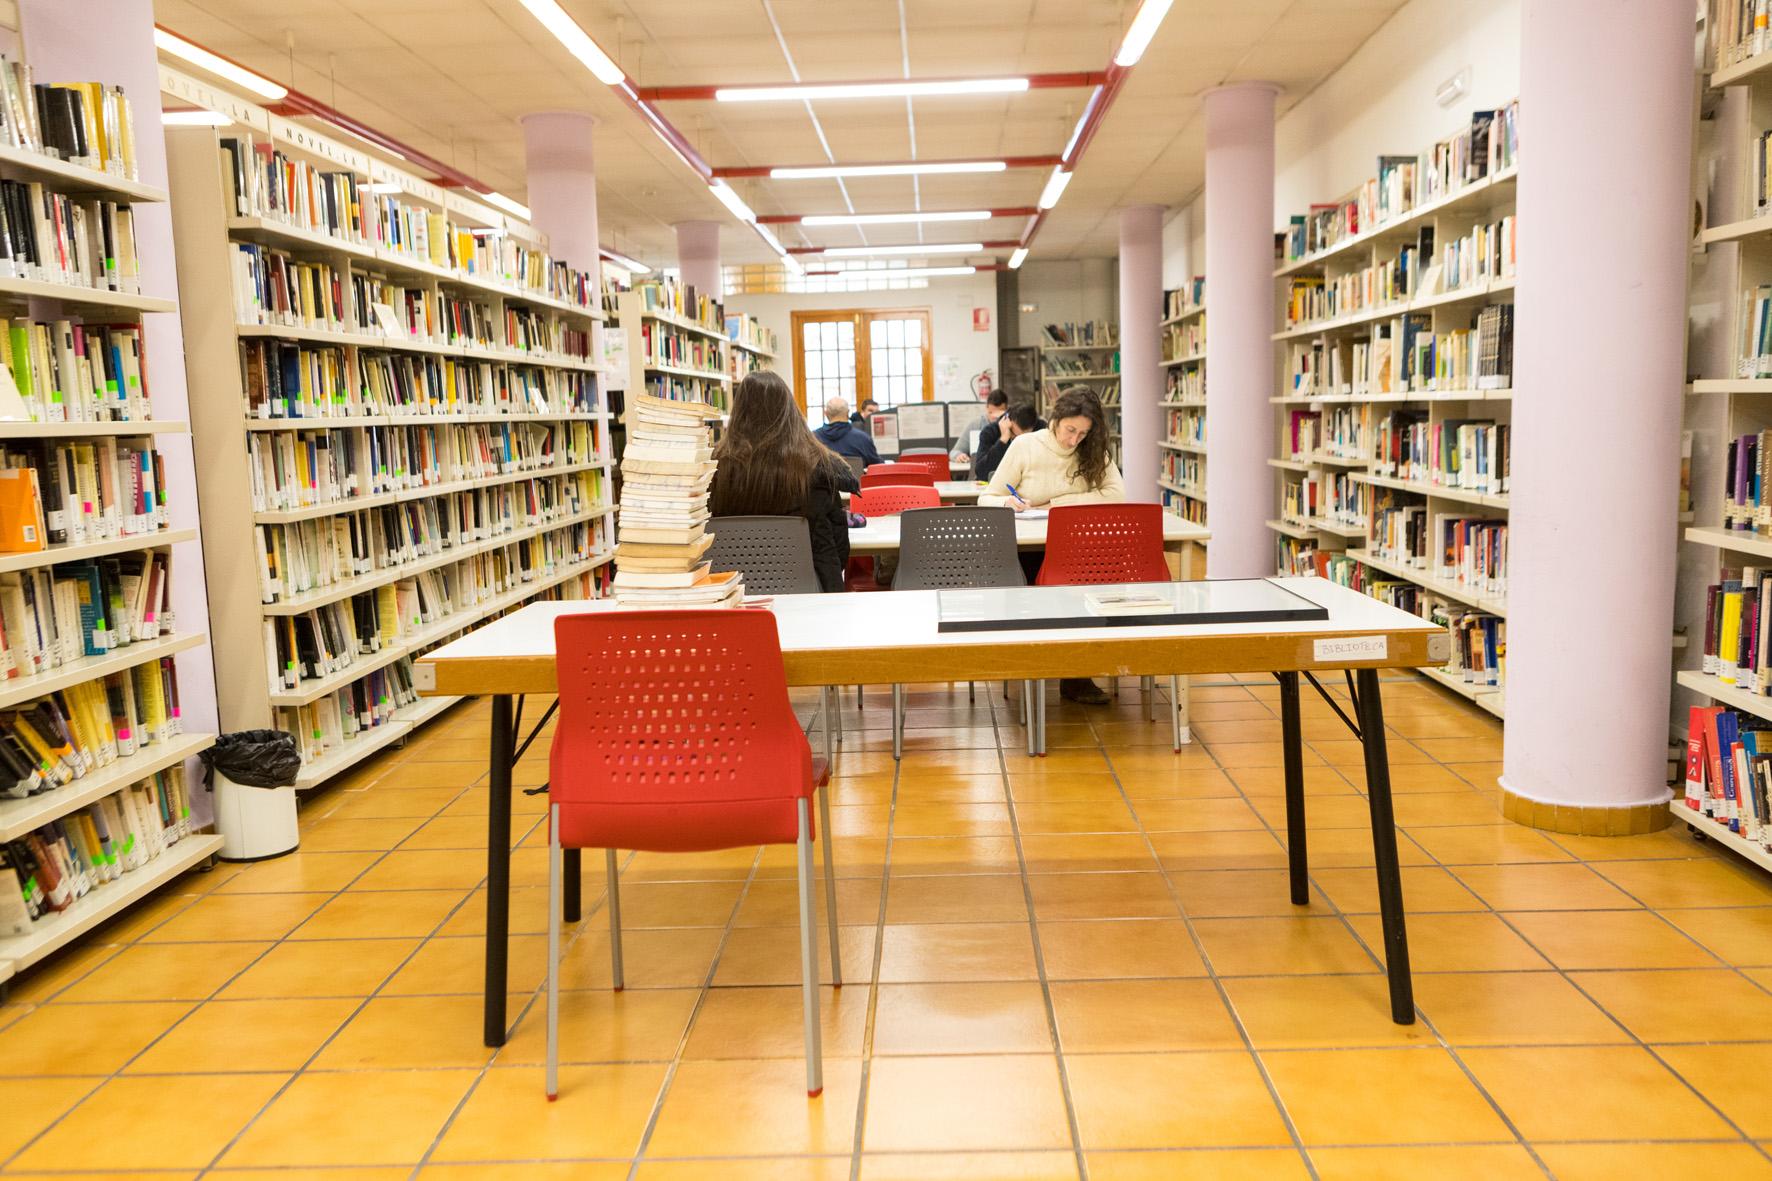 biblioteca de mislata online dating